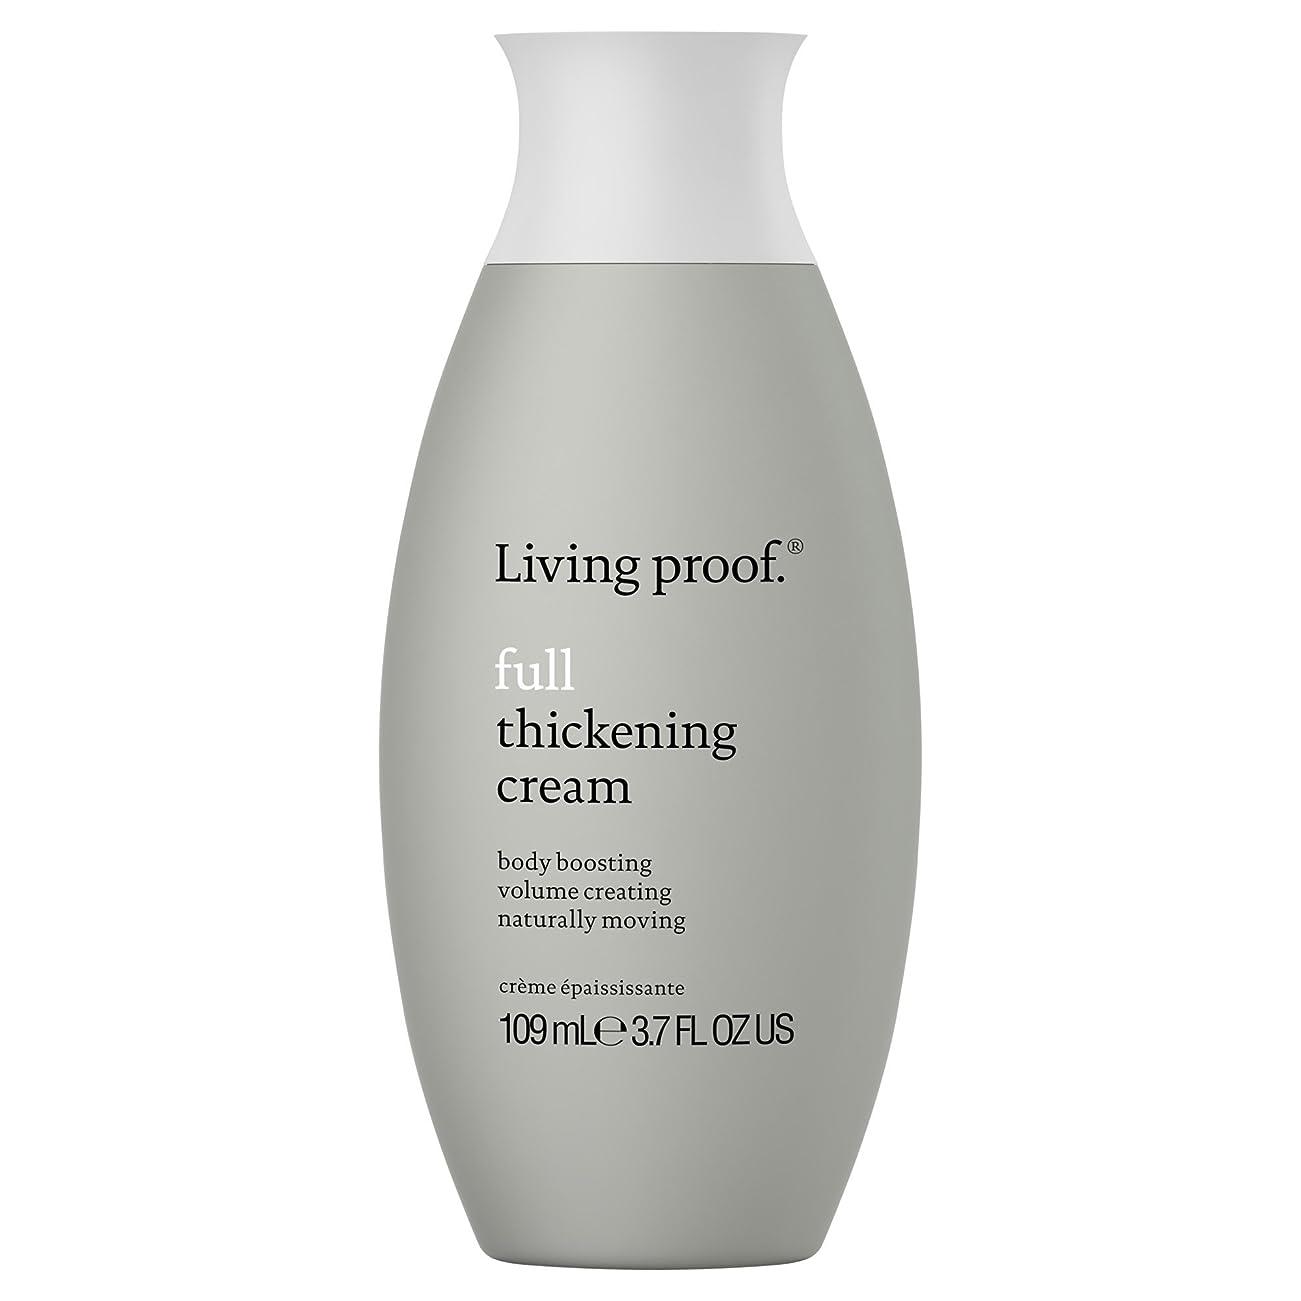 雇ったサーフィンウォルターカニンガム生きている証拠フル肥厚クリーム109ミリリットル (Living Proof) (x2) - Living Proof Full Thickening Cream 109ml (Pack of 2) [並行輸入品]